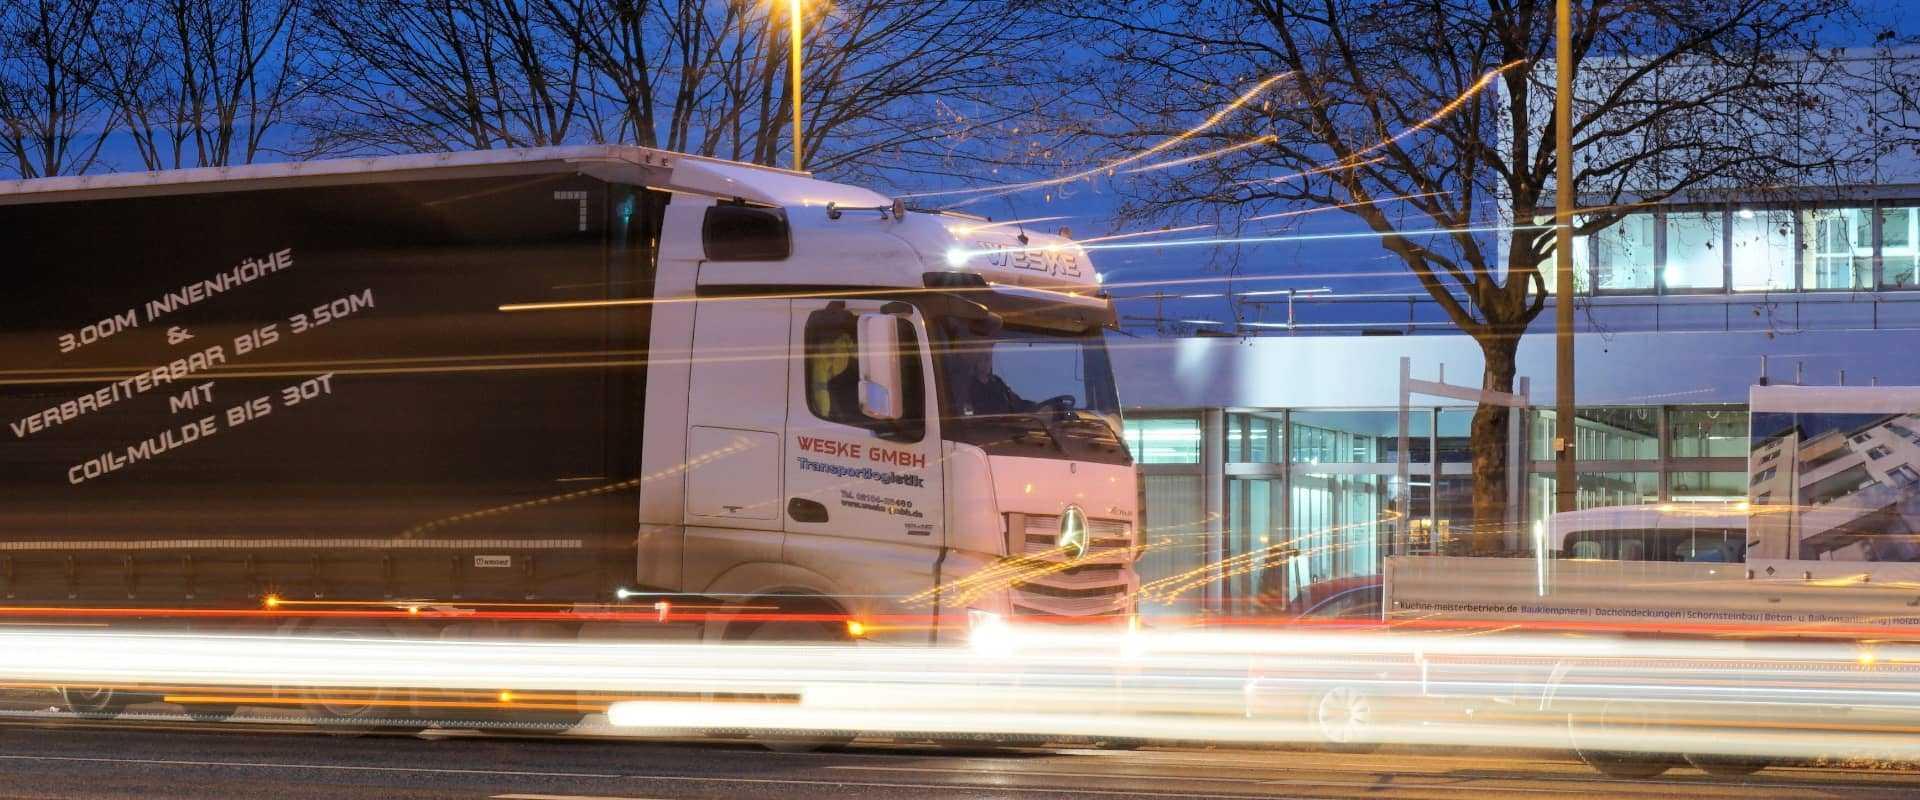 COSYS Transportlösungen für den Baufachhandel